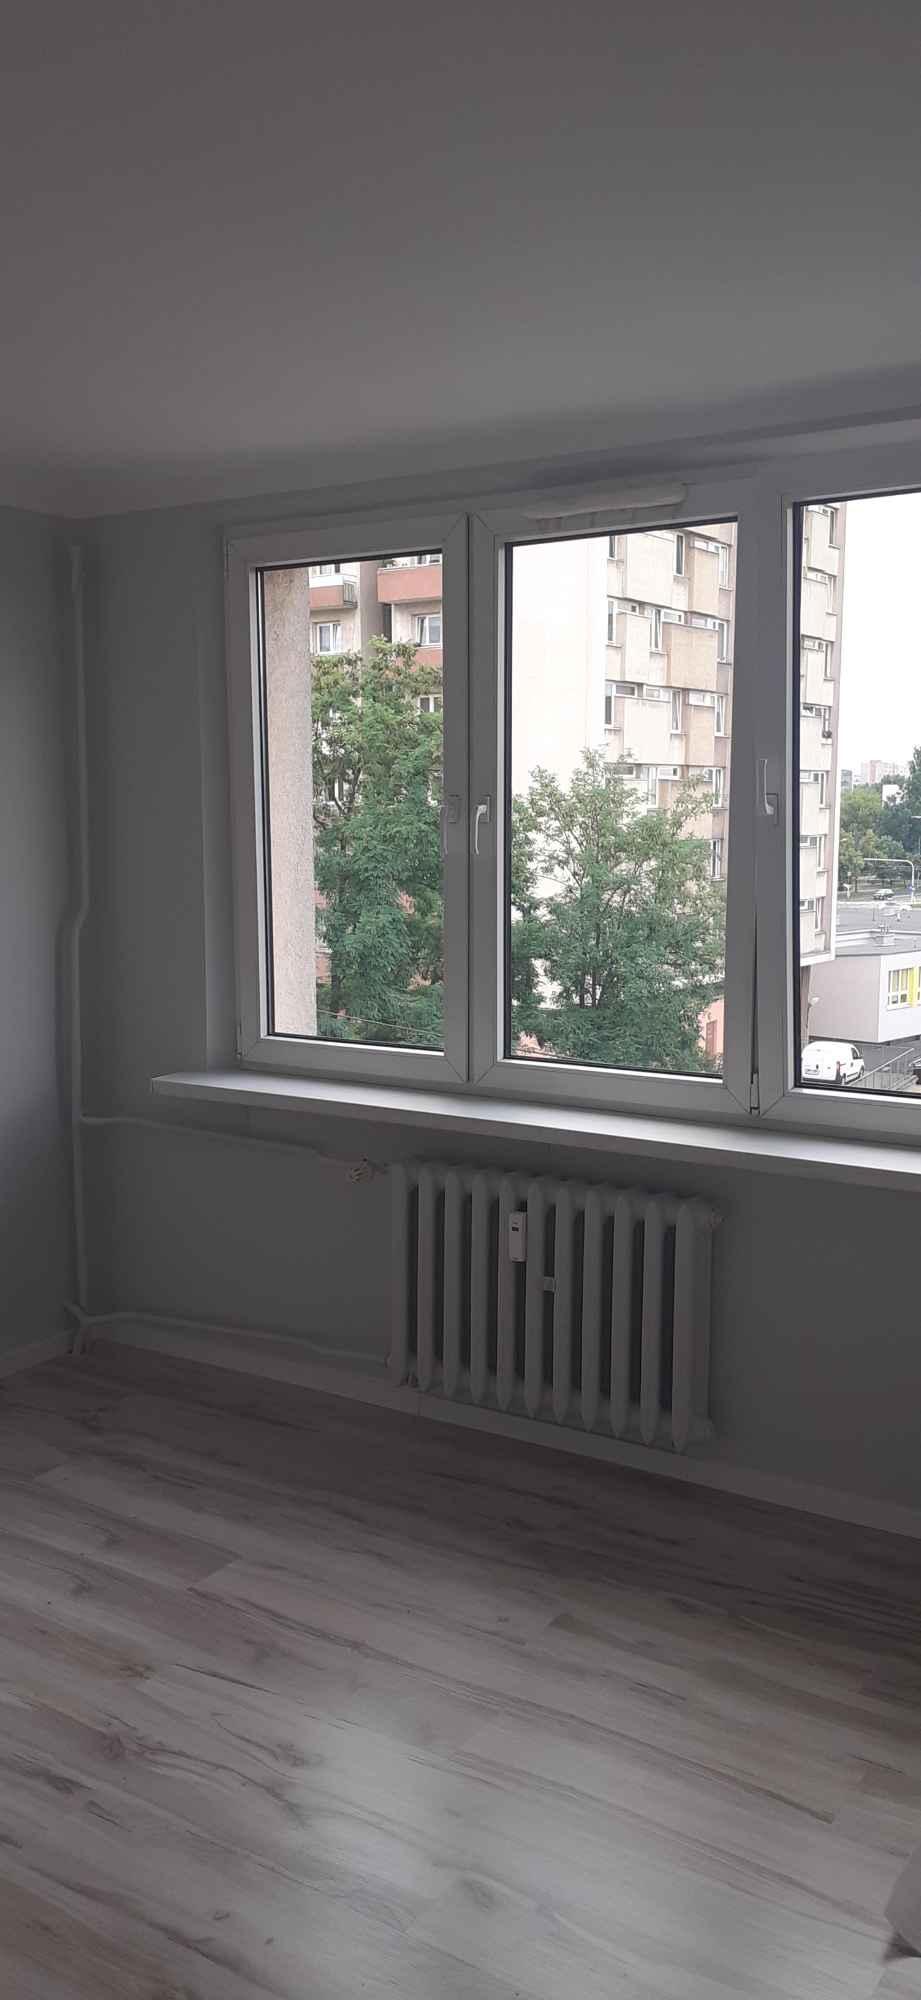 Wynajmę mieszkanie w centrum Częstochowy Częstochowa - zdjęcie 1